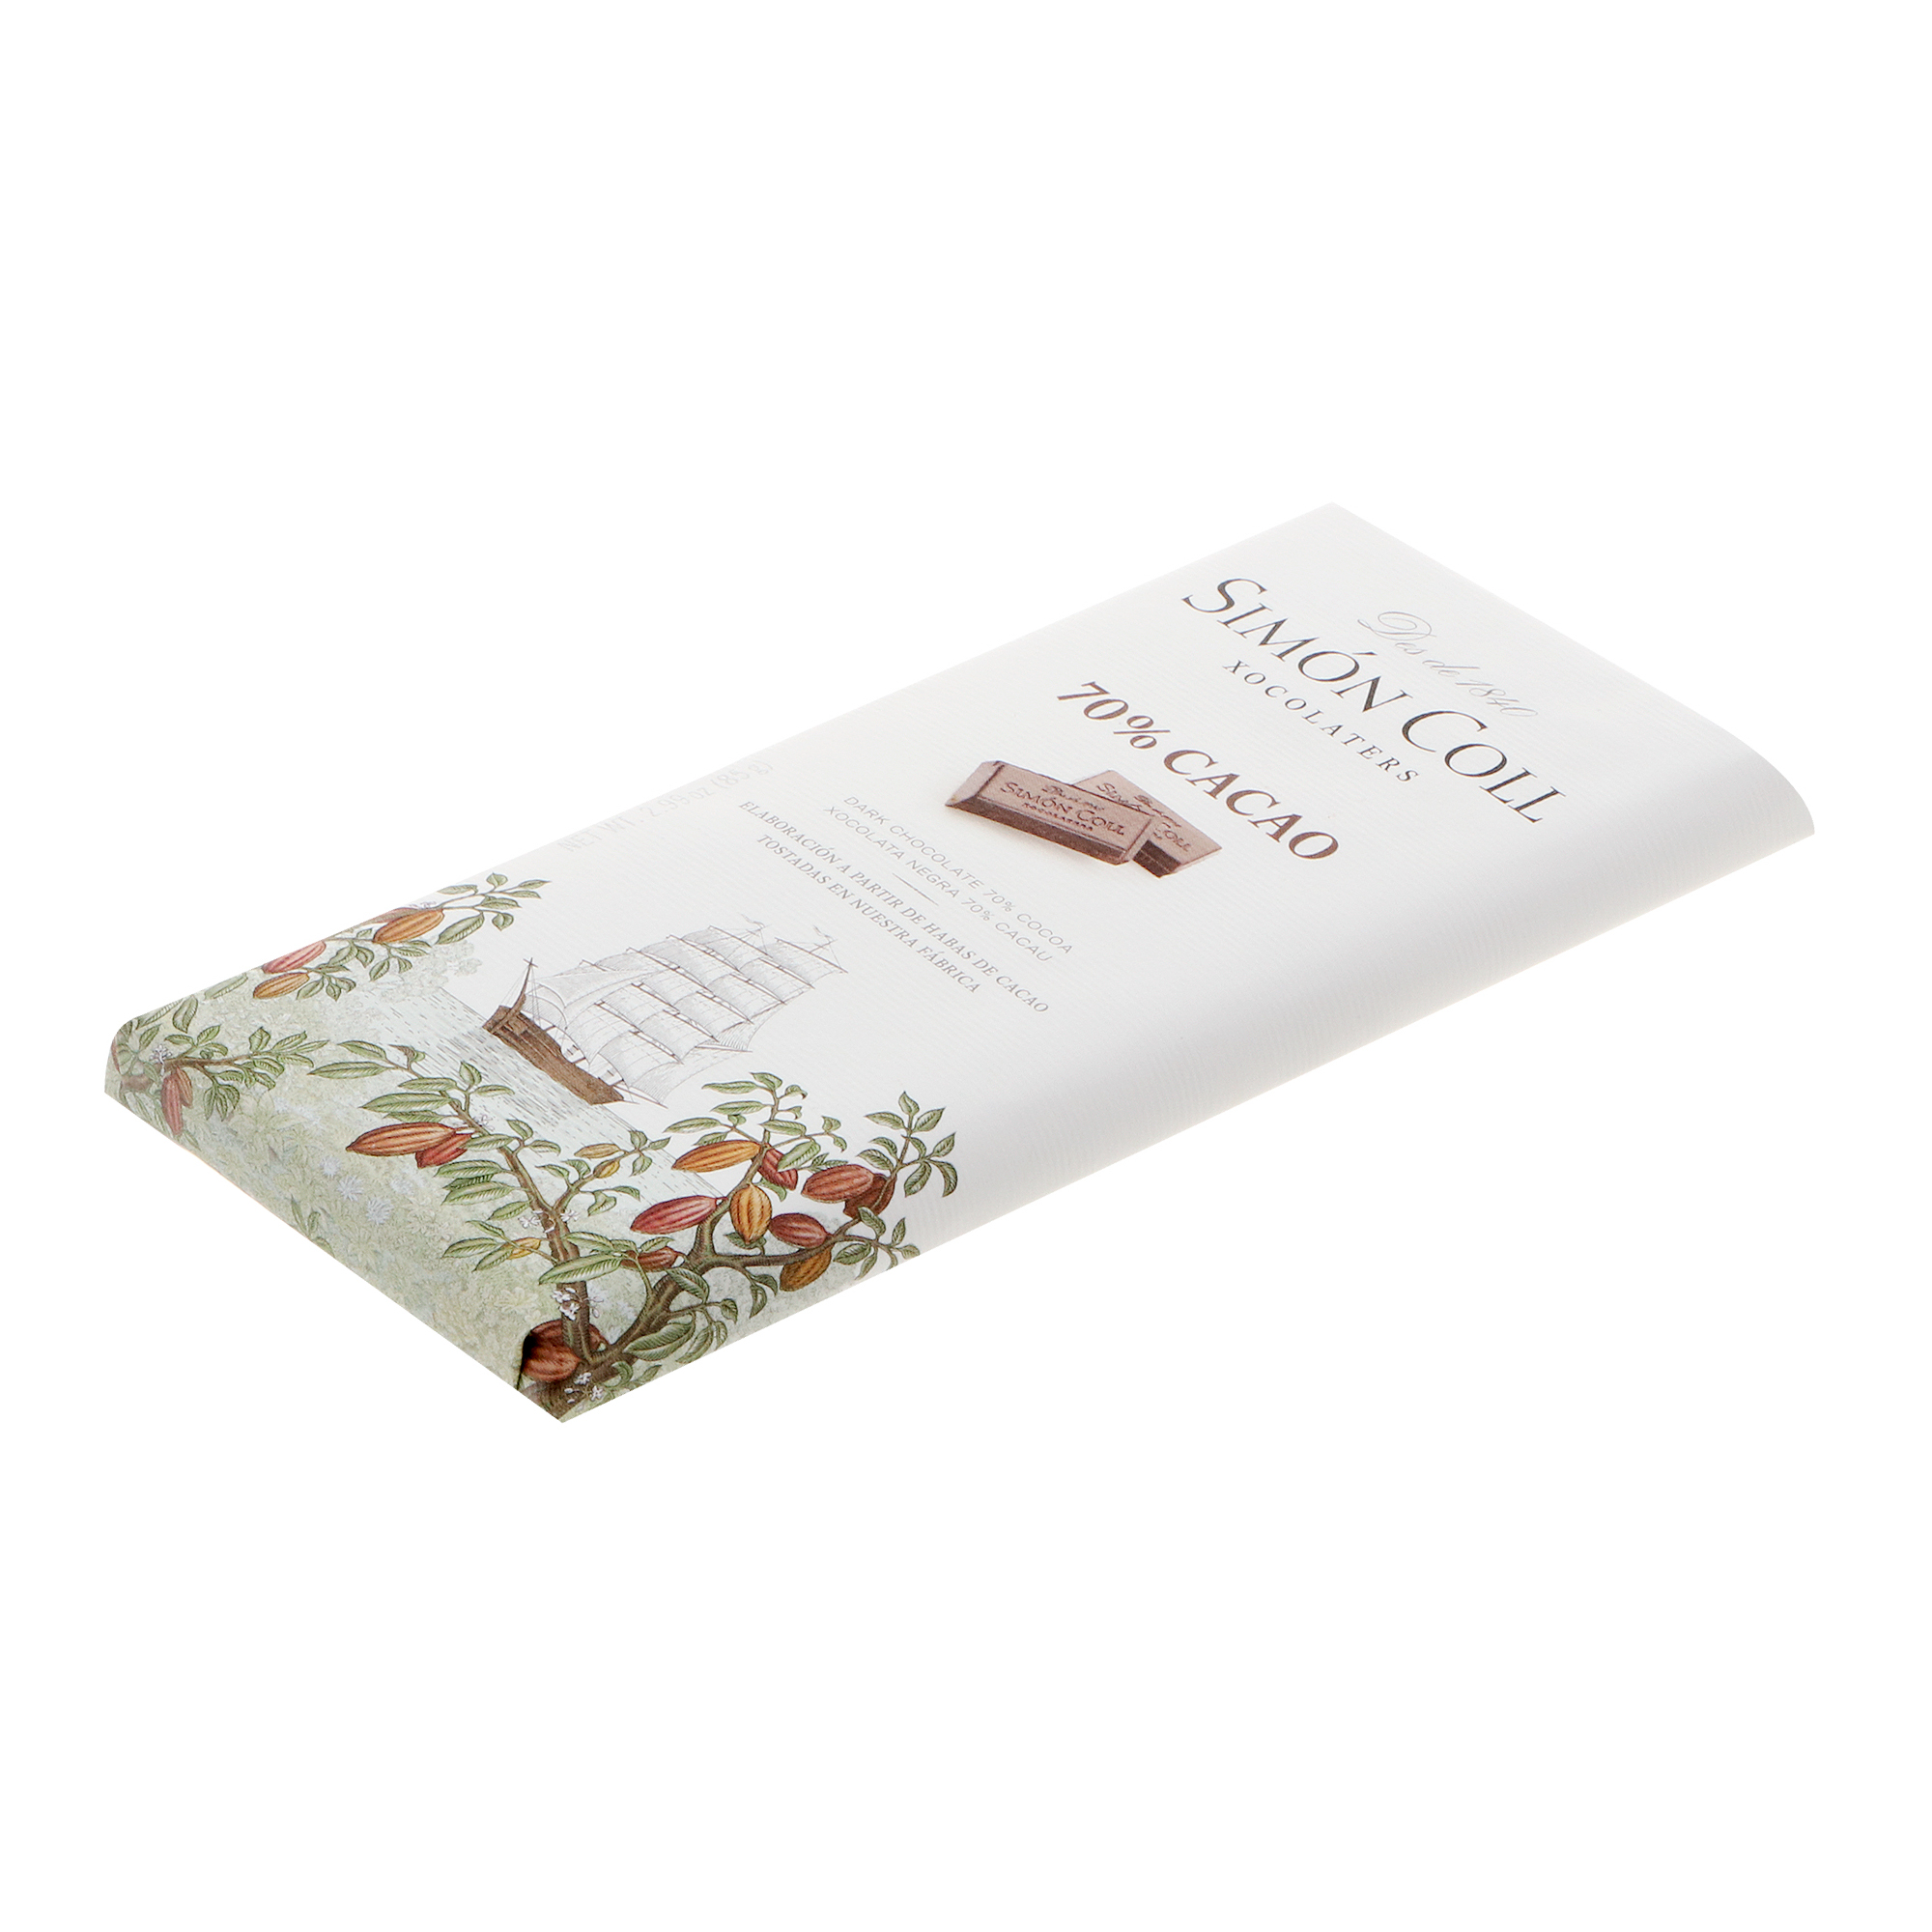 Шоколад Simon Coll 70% 85 г